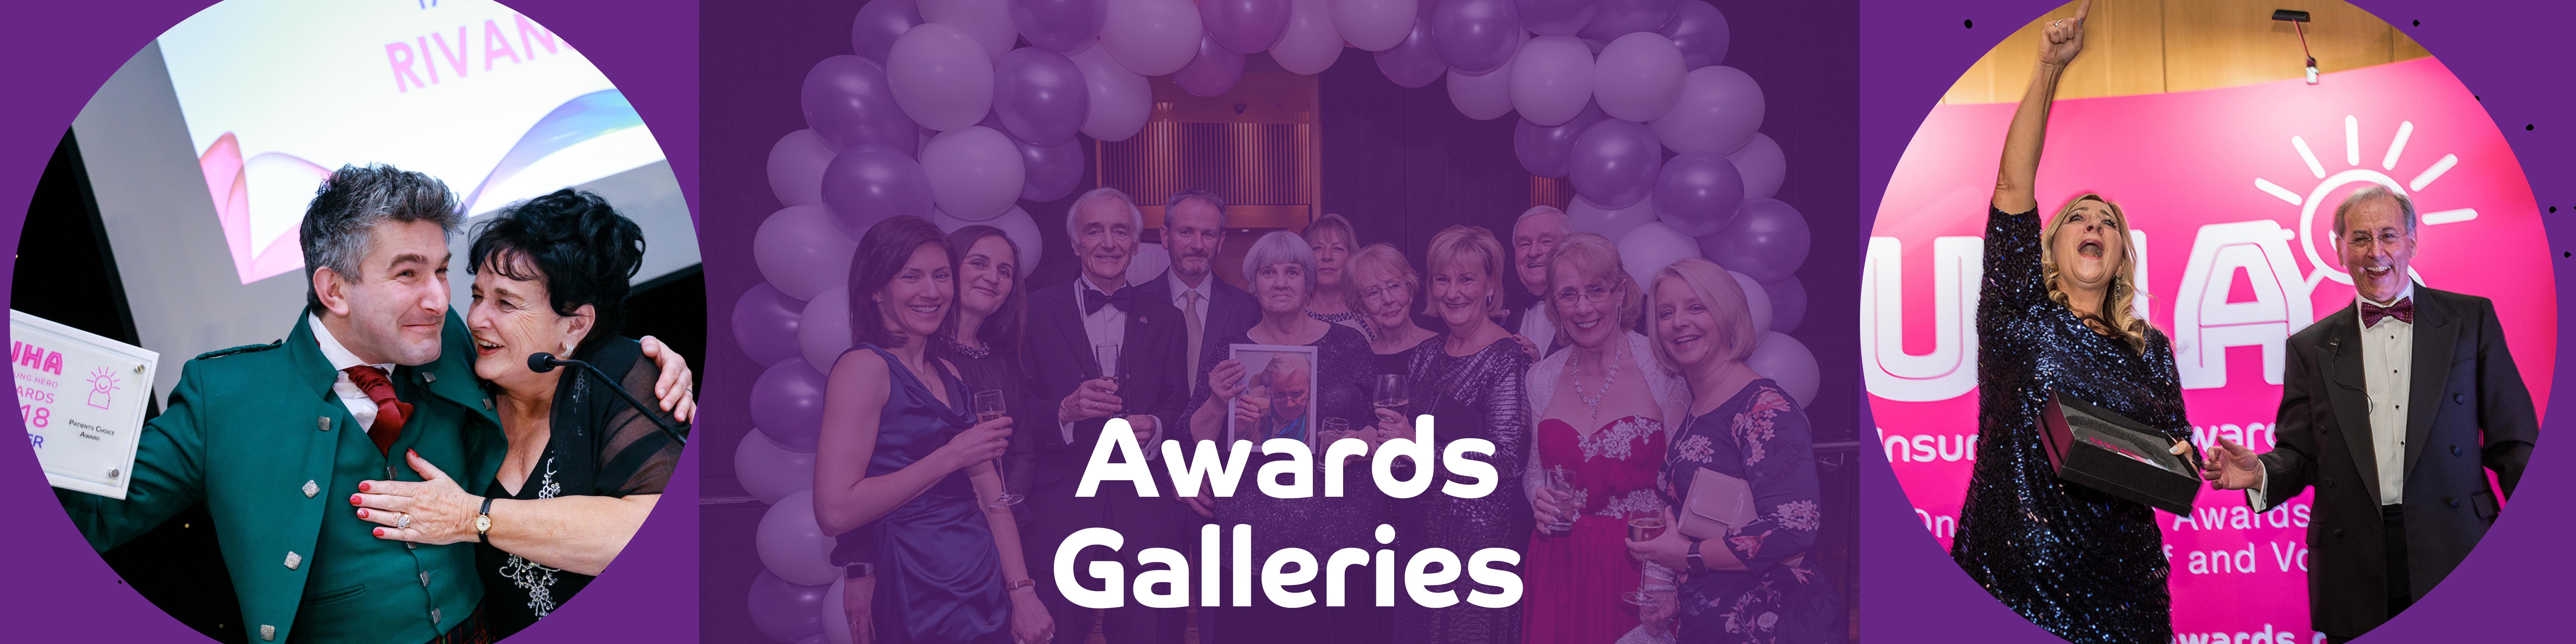 Awards Galleries   Unsung Hero Awards